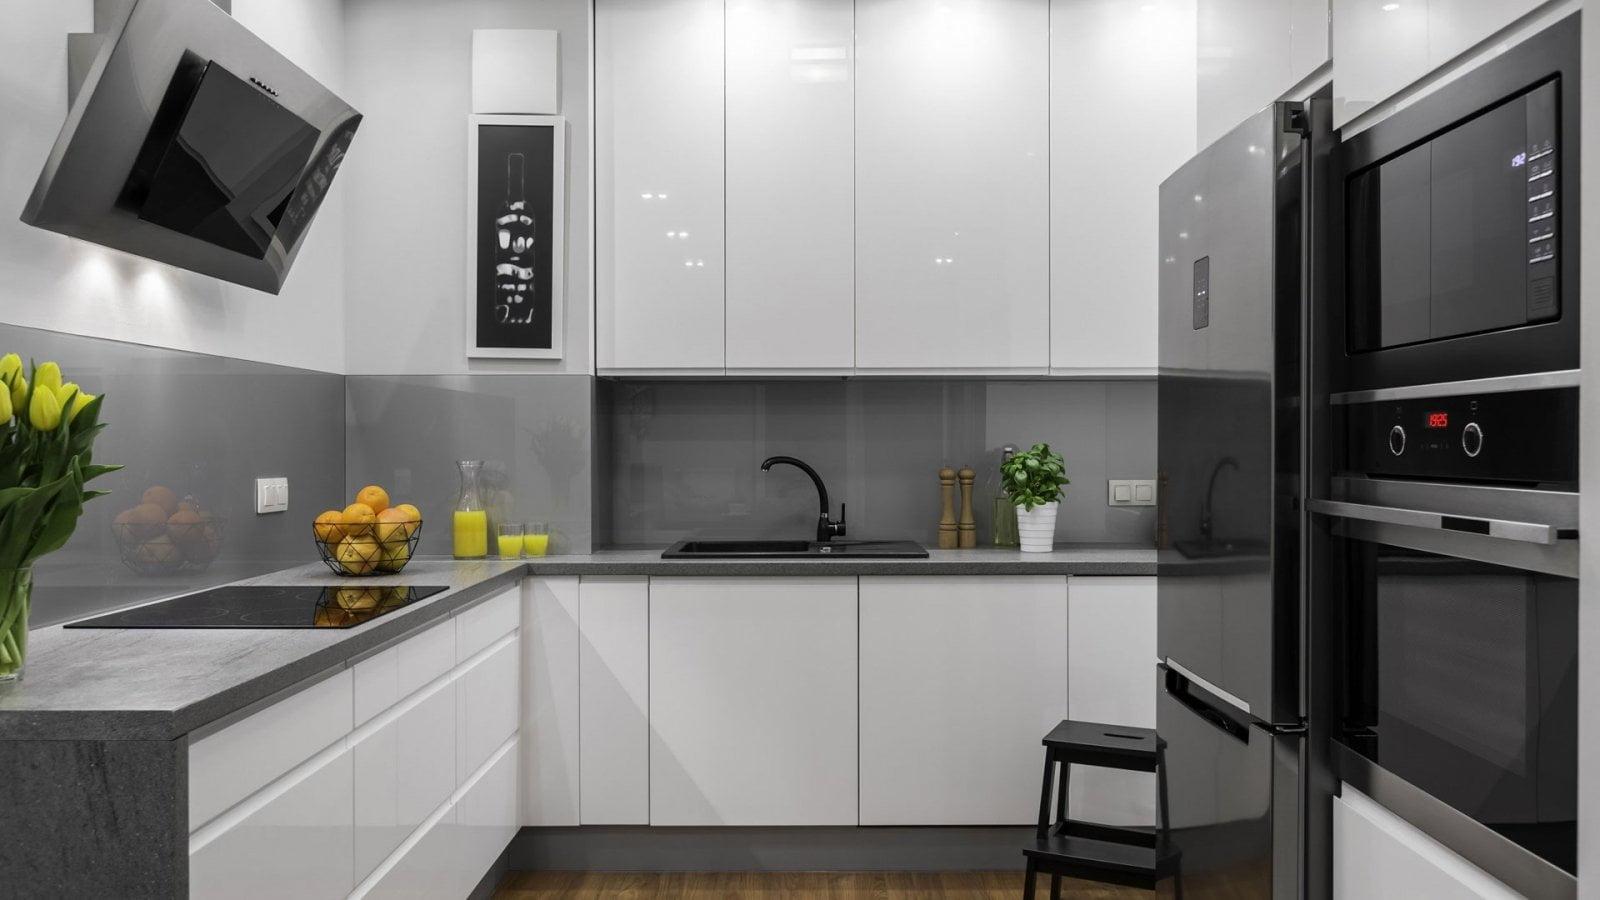 Fabricante de muebles de cocina - Ruubay - Directorio de Empresas ...